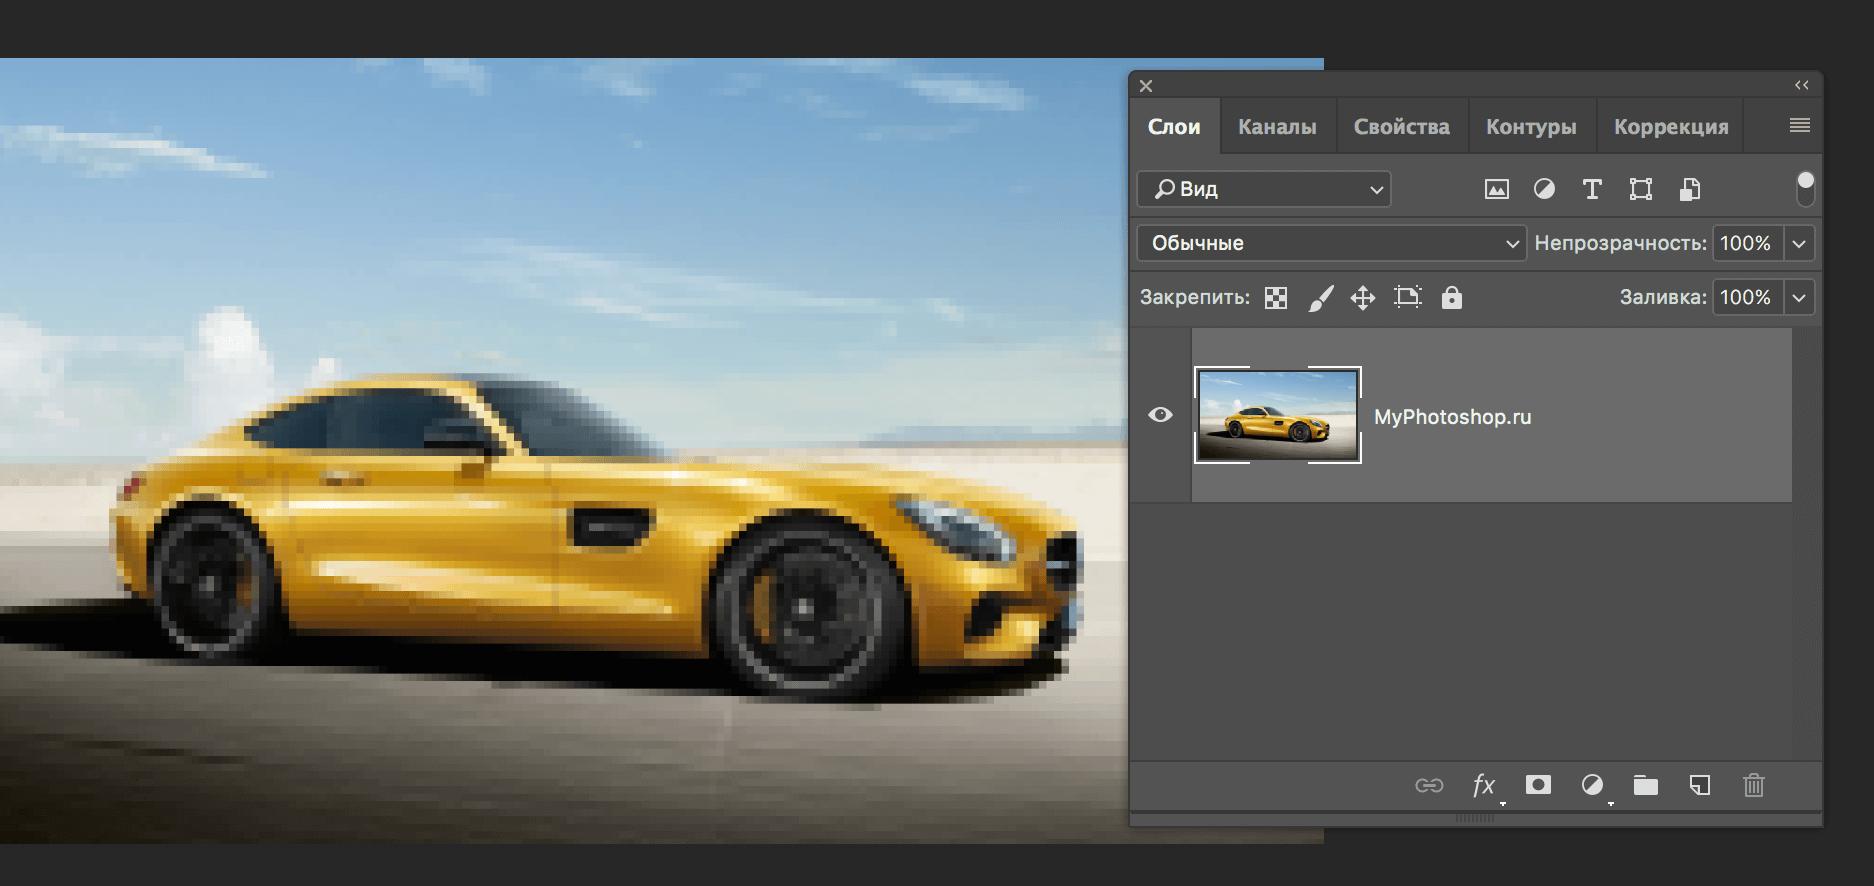 Пикселизация изображений в Фотошопе